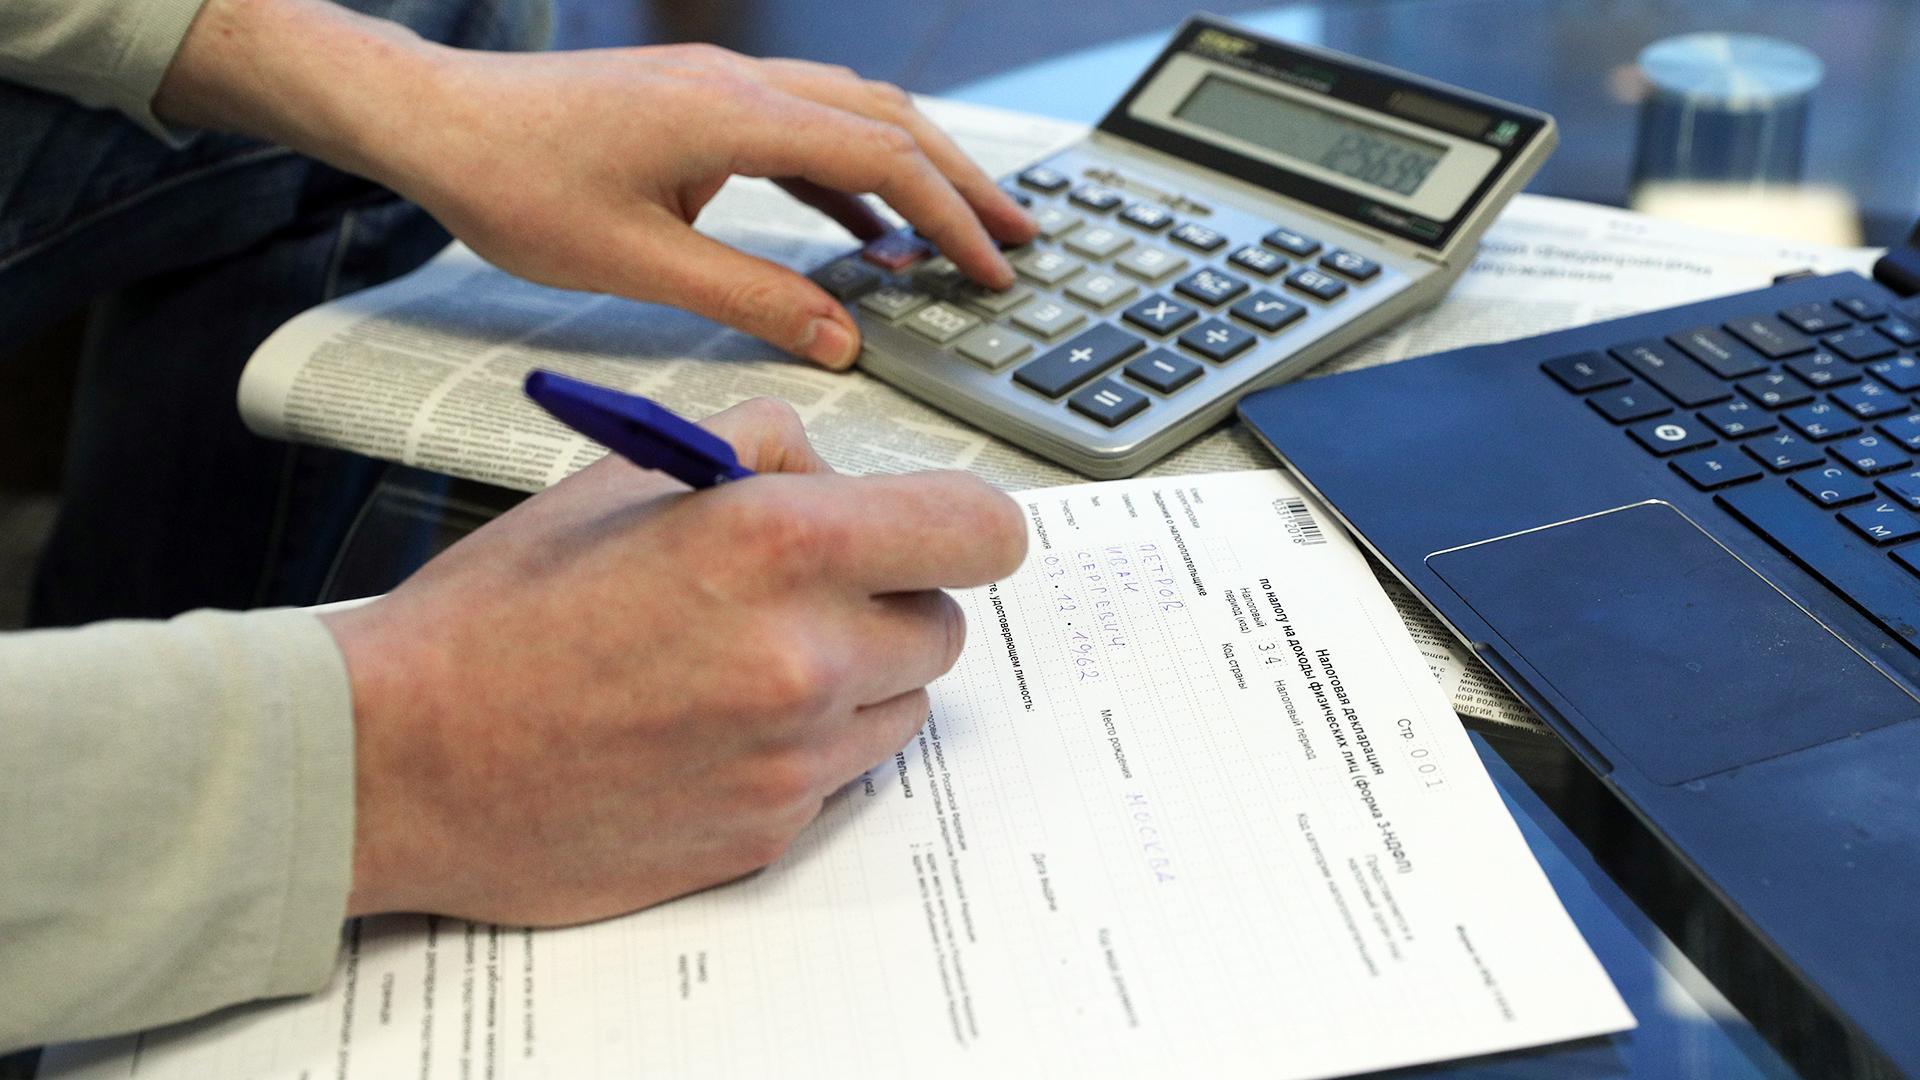 Заявление на возврат налогов и взносов: новая форма по КНД 1150058 в 2020 году